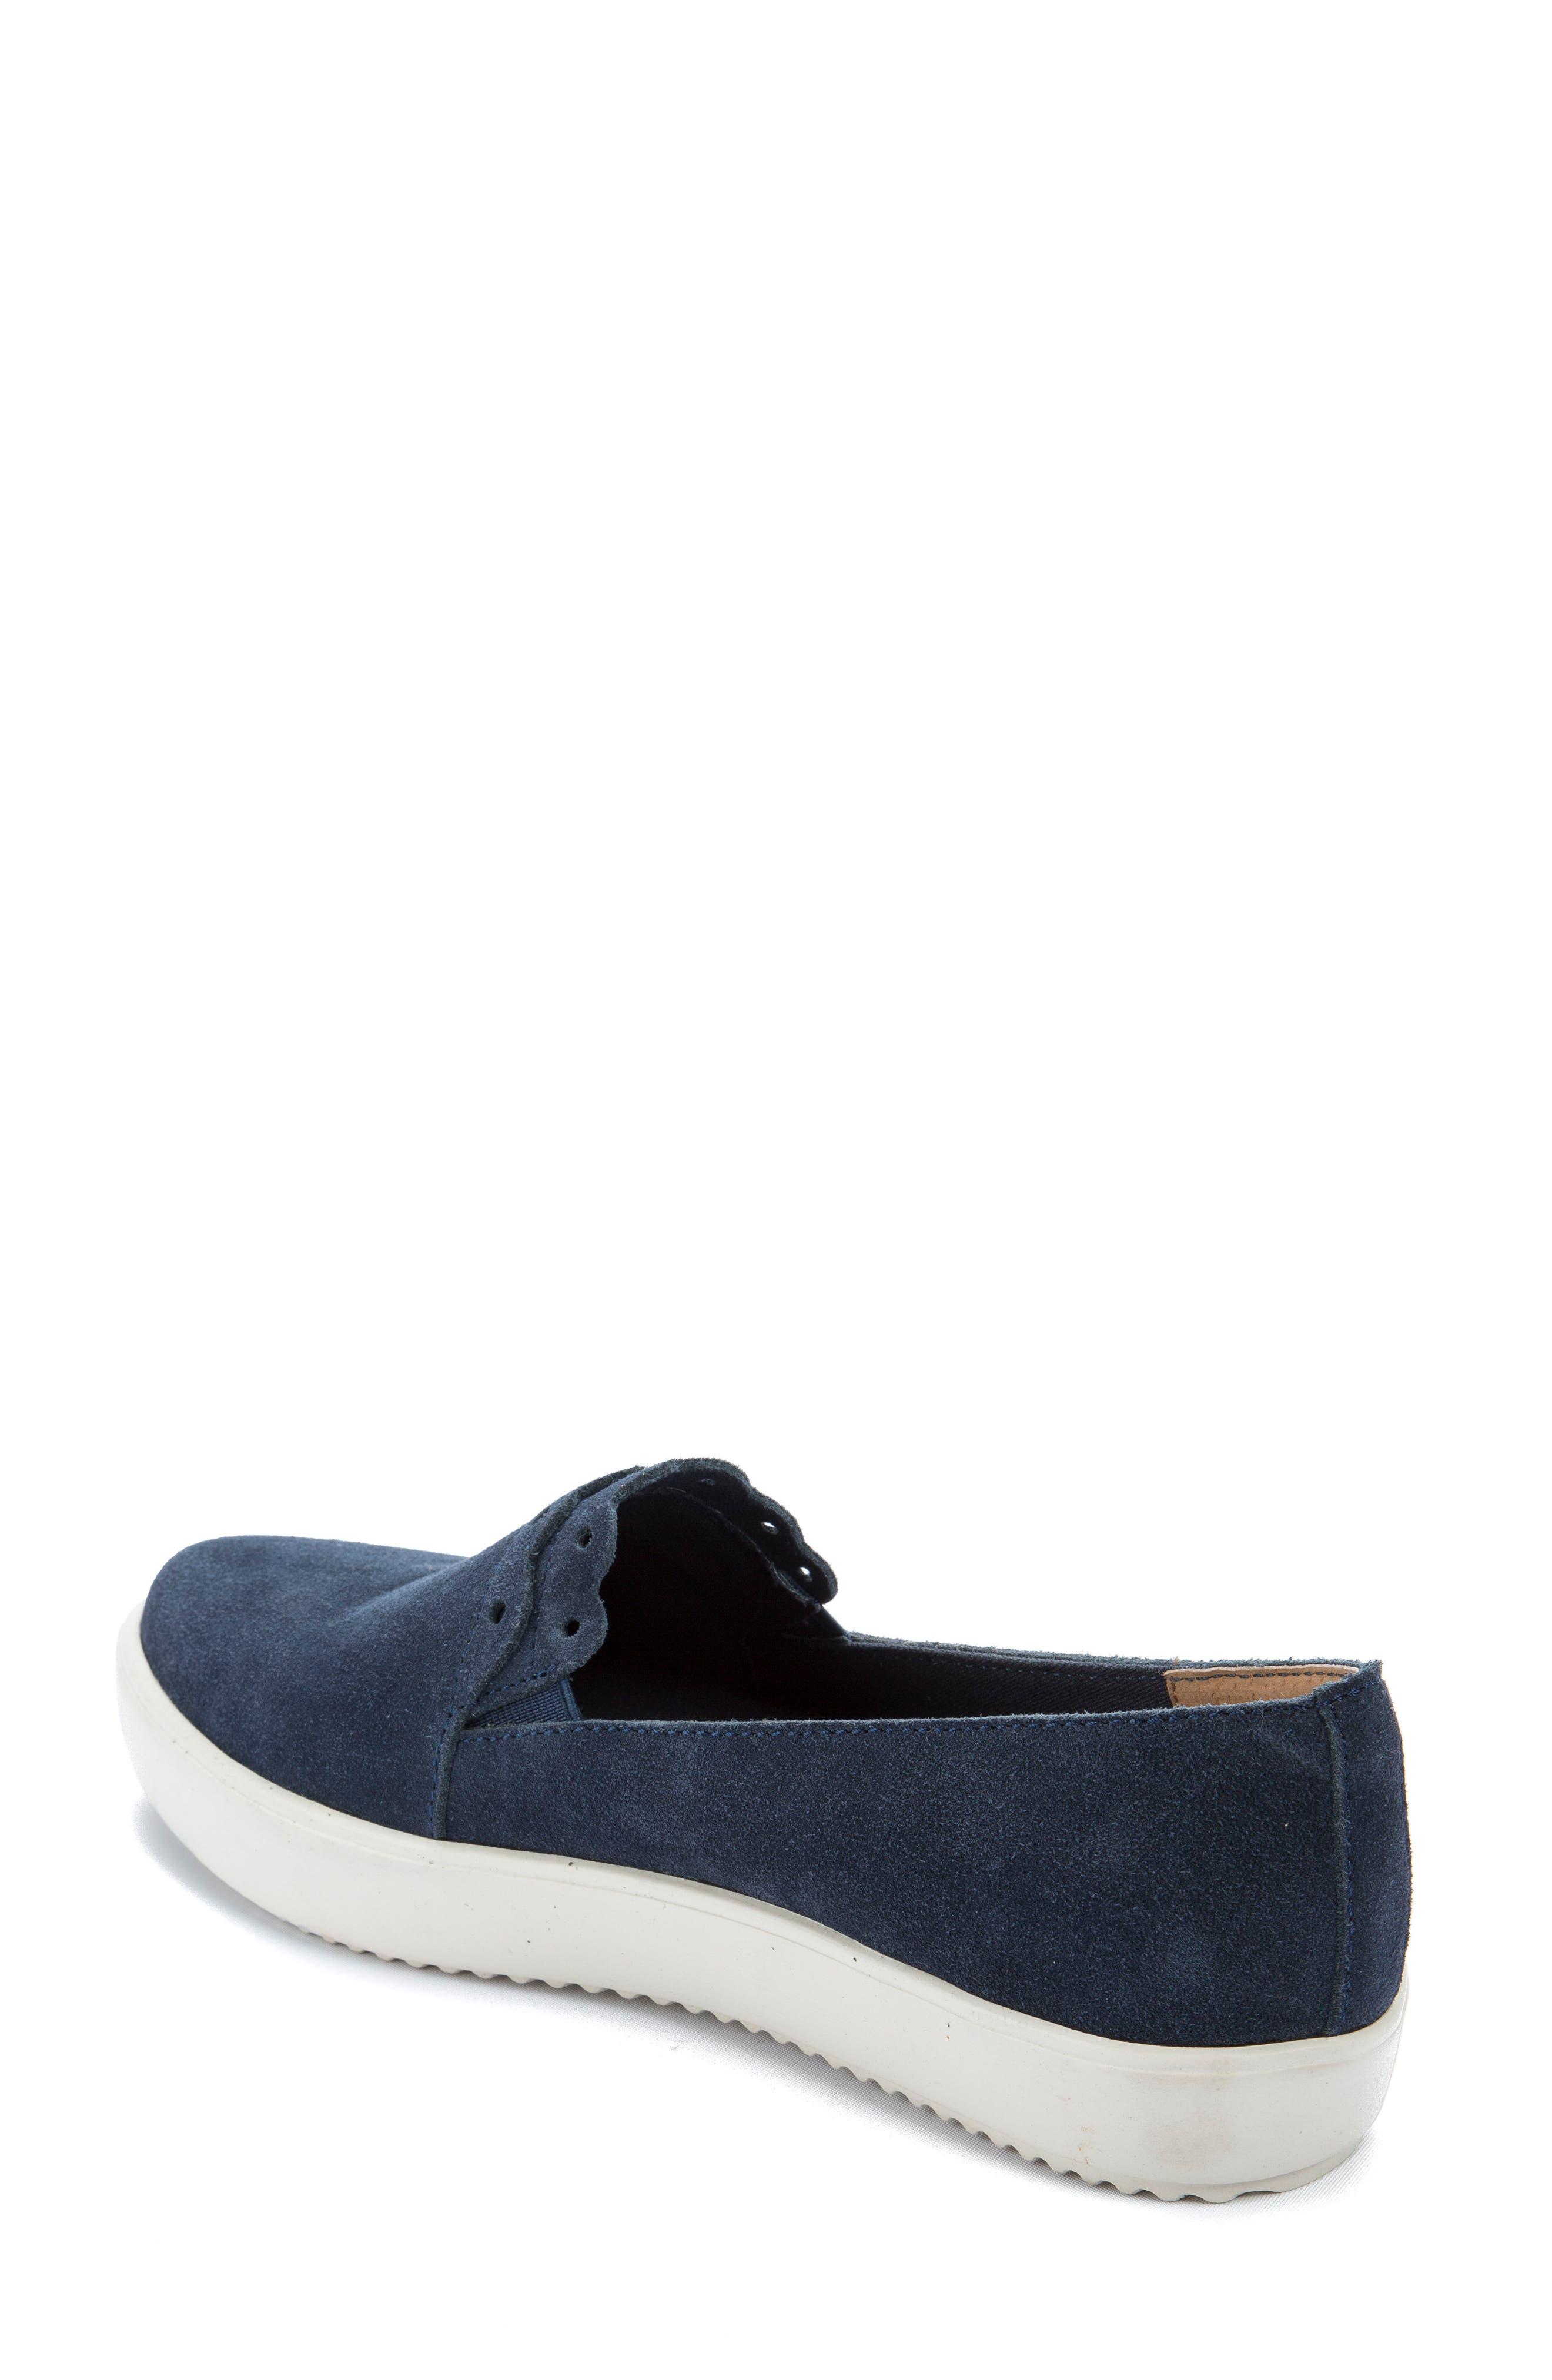 Roe Slip-On Sneaker,                             Alternate thumbnail 6, color,